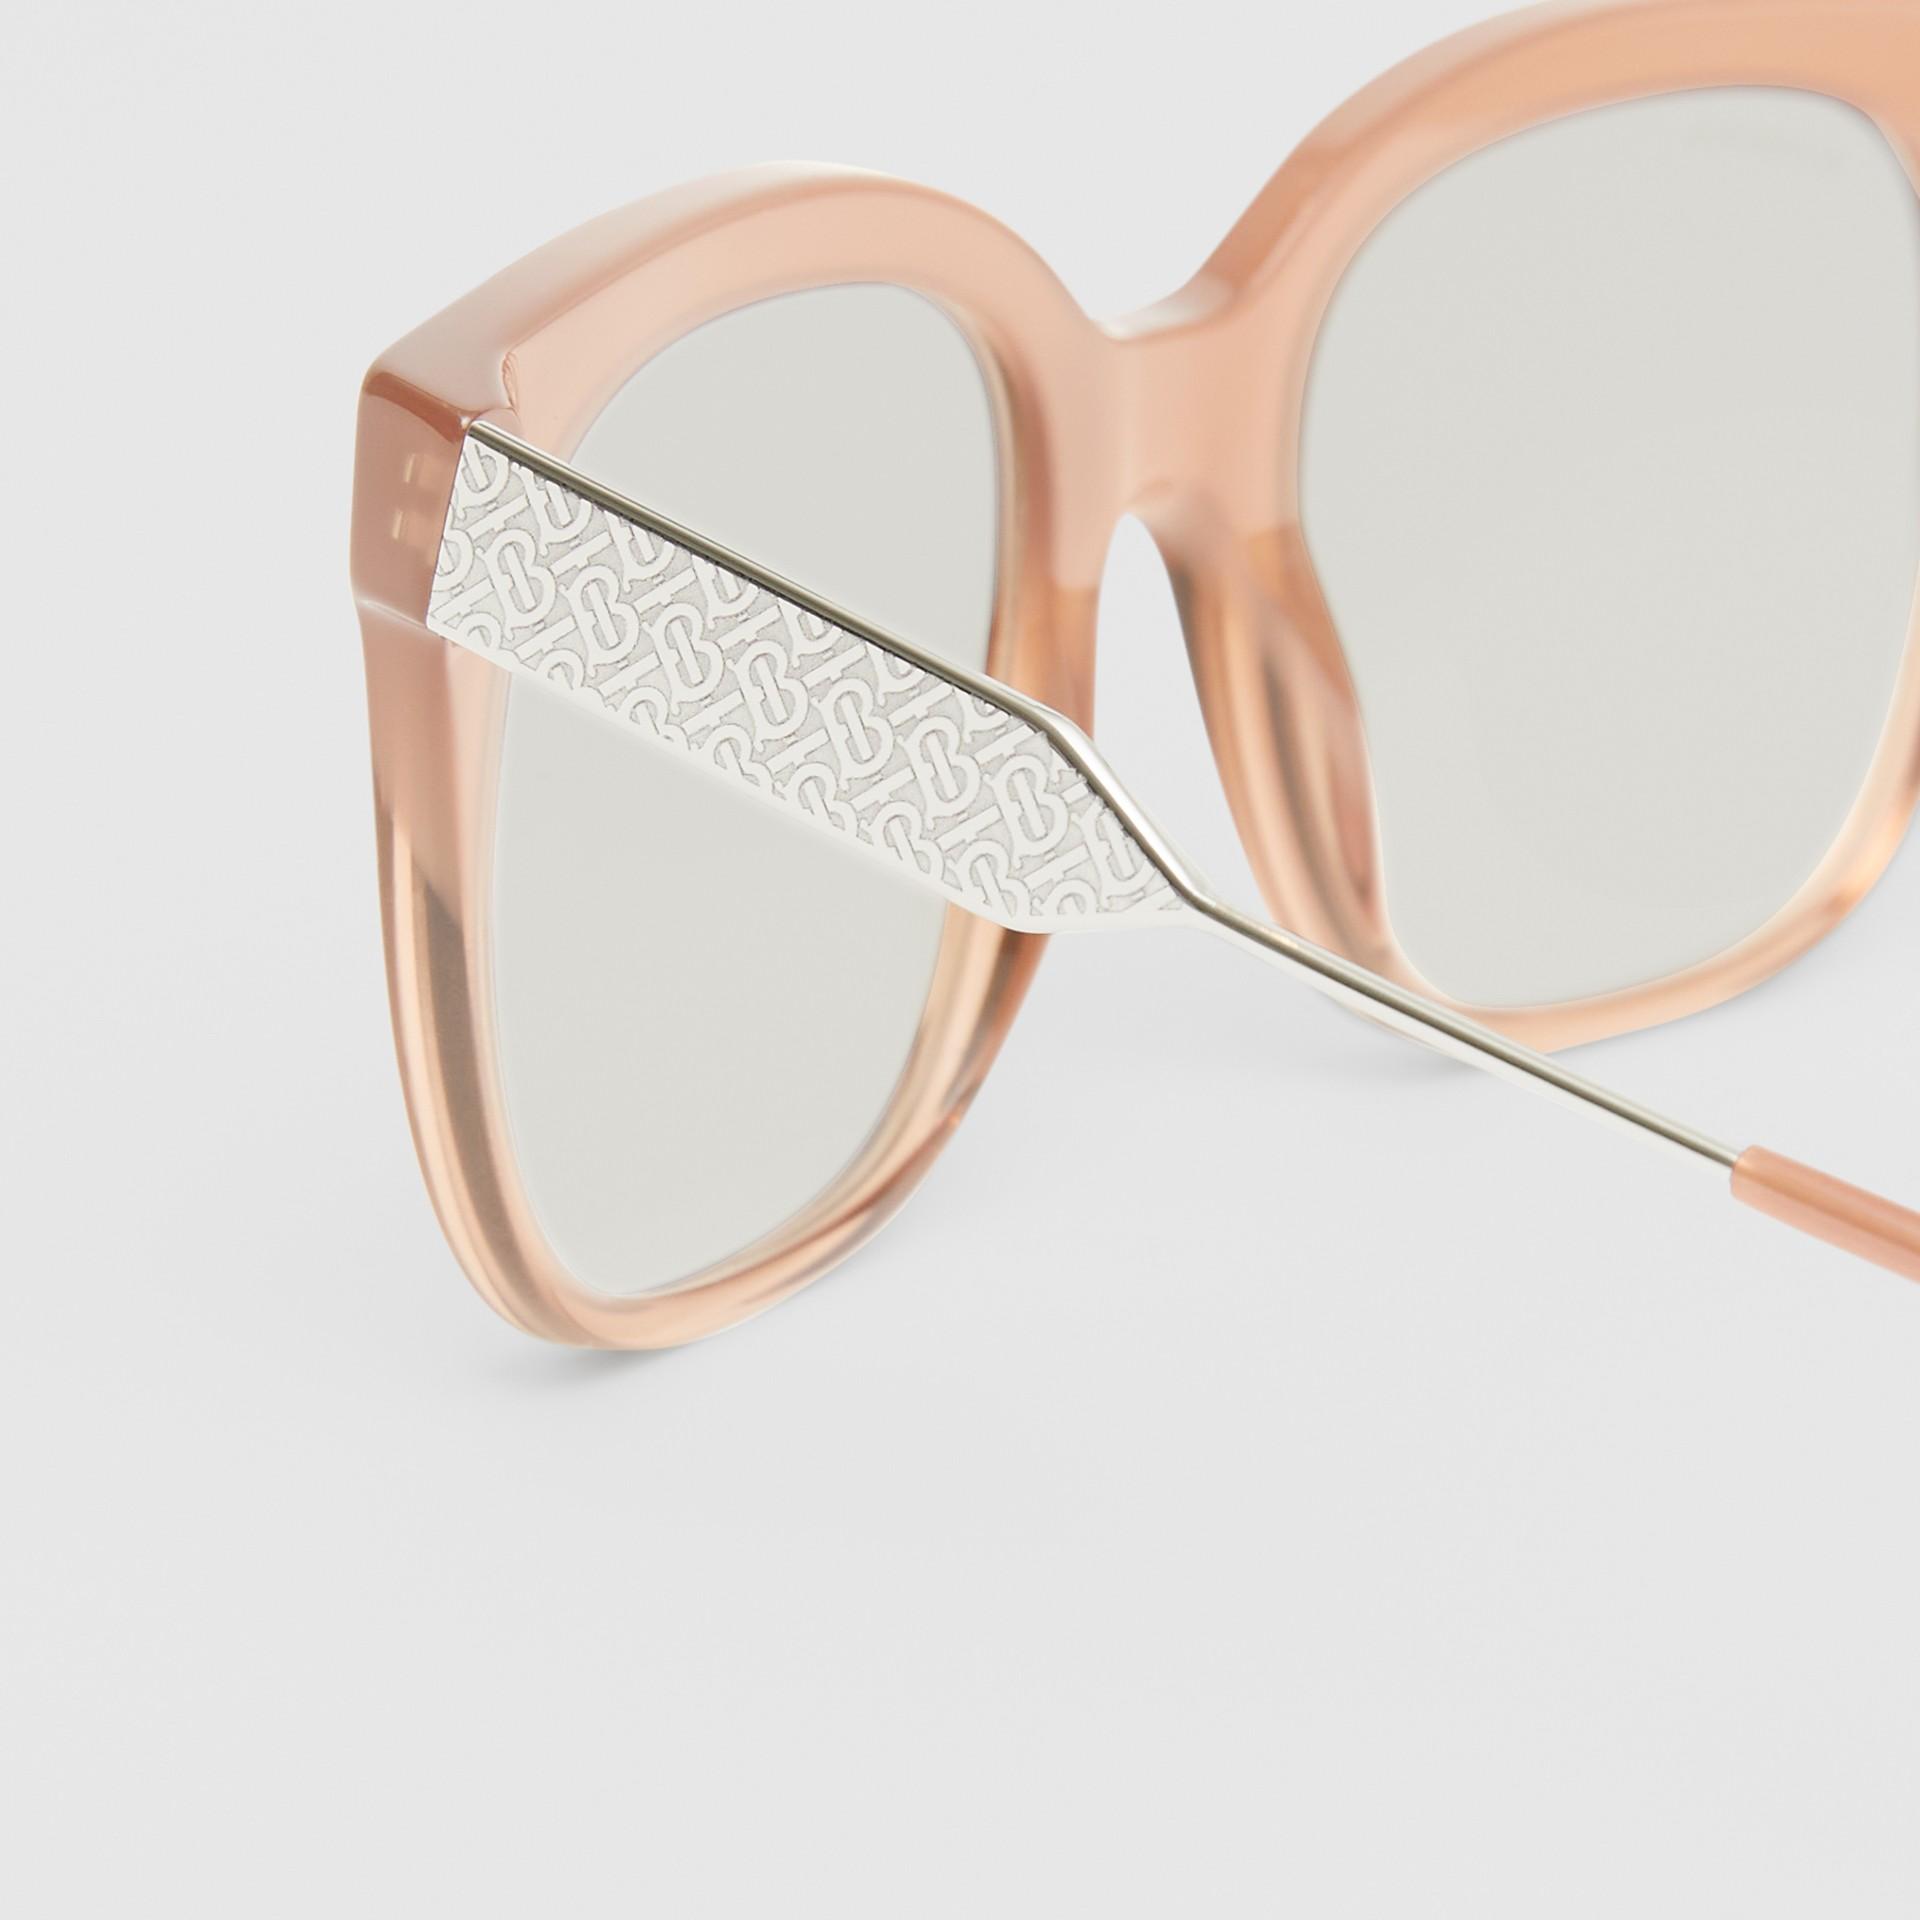 Occhiali da sole con montatura a farfalla (Rosa Nude) - Donna | Burberry - immagine della galleria 1